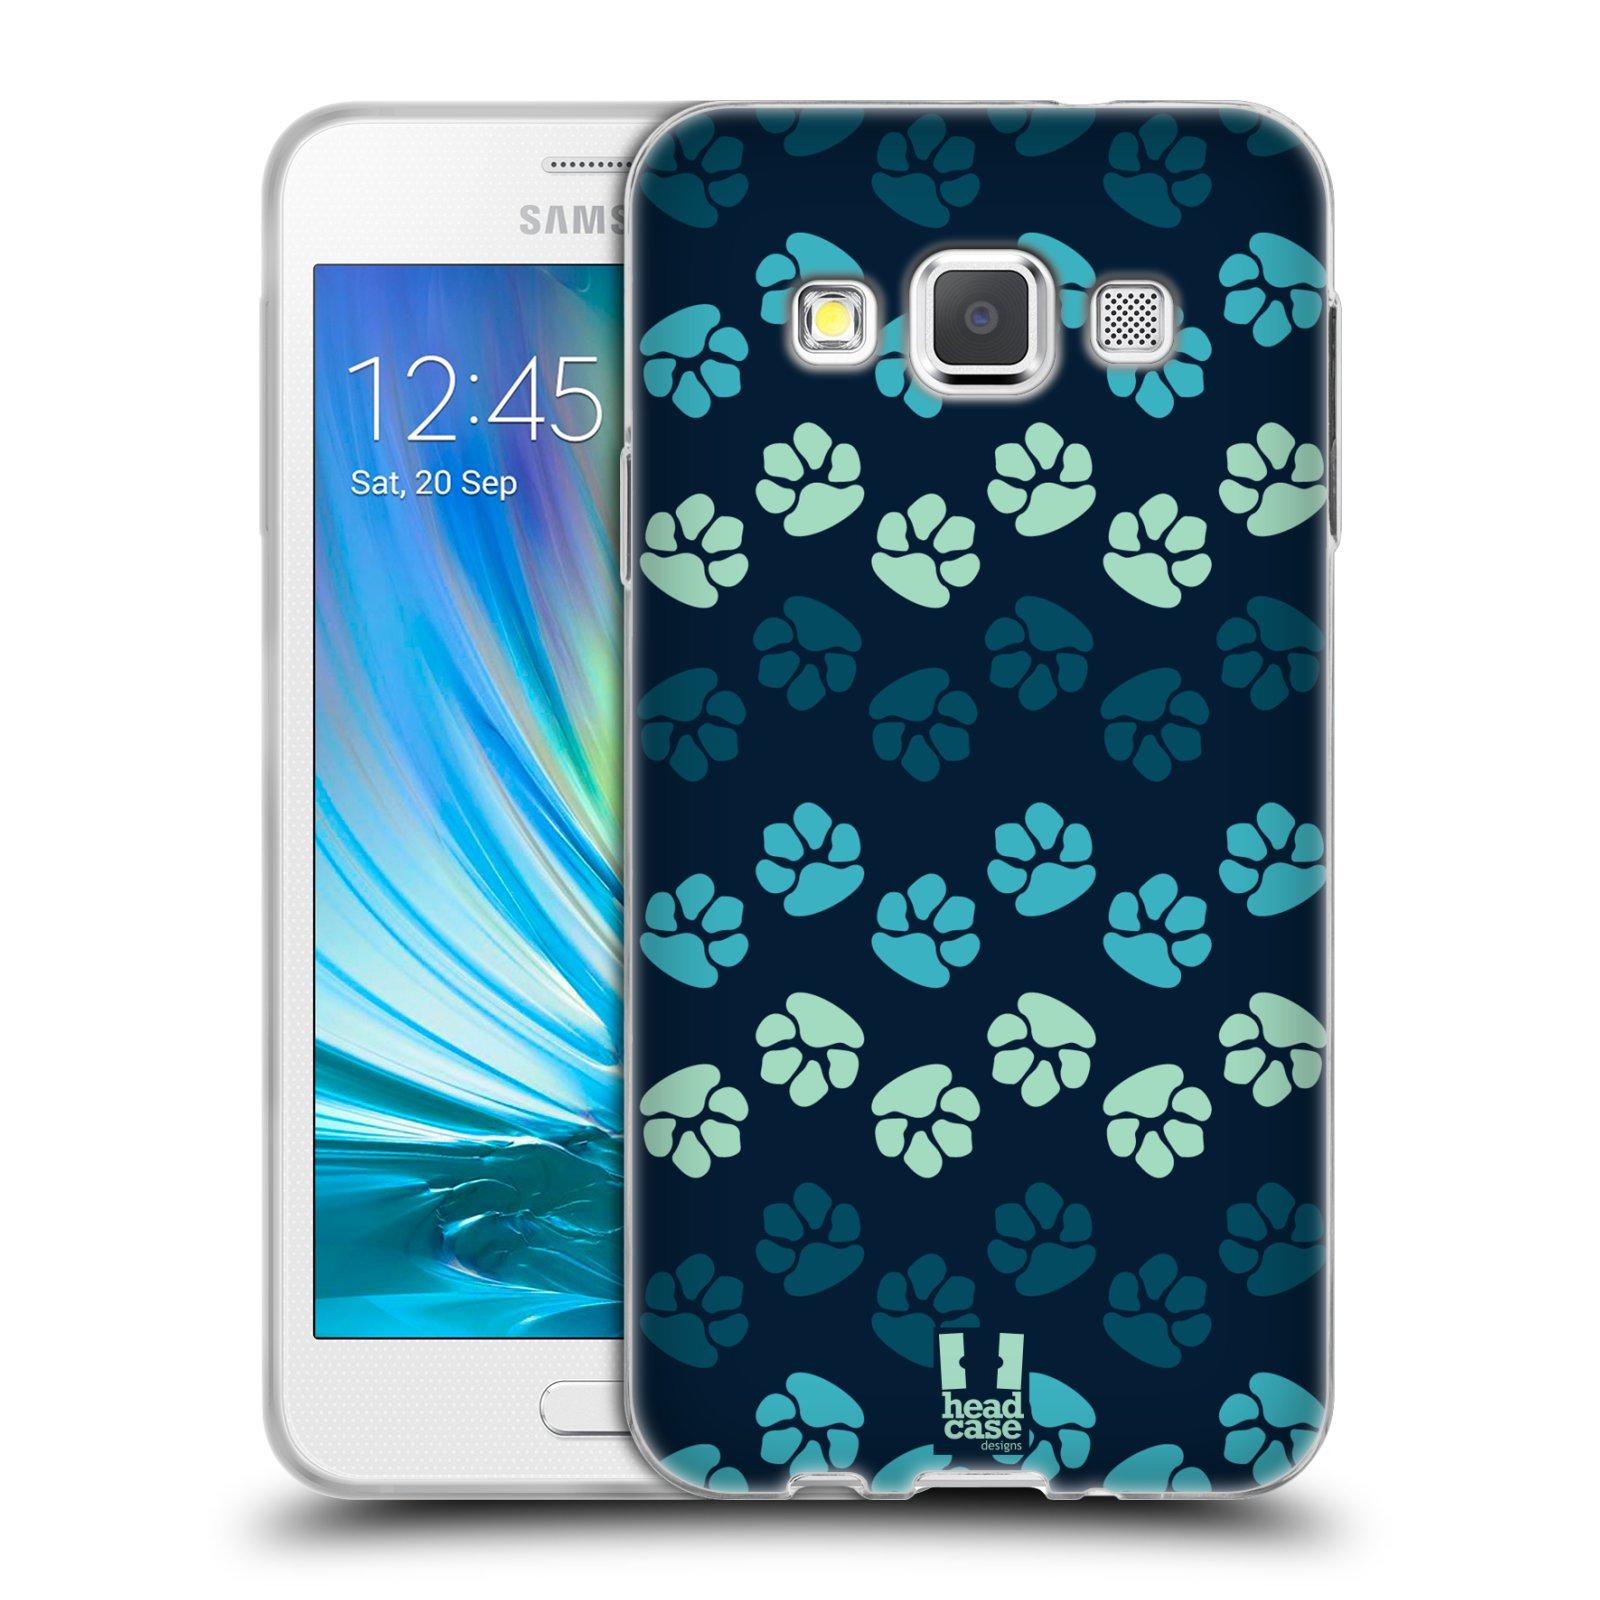 Silikonové pouzdro na mobil Samsung Galaxy A3 HEAD CASE TLAPKY MODRÉ